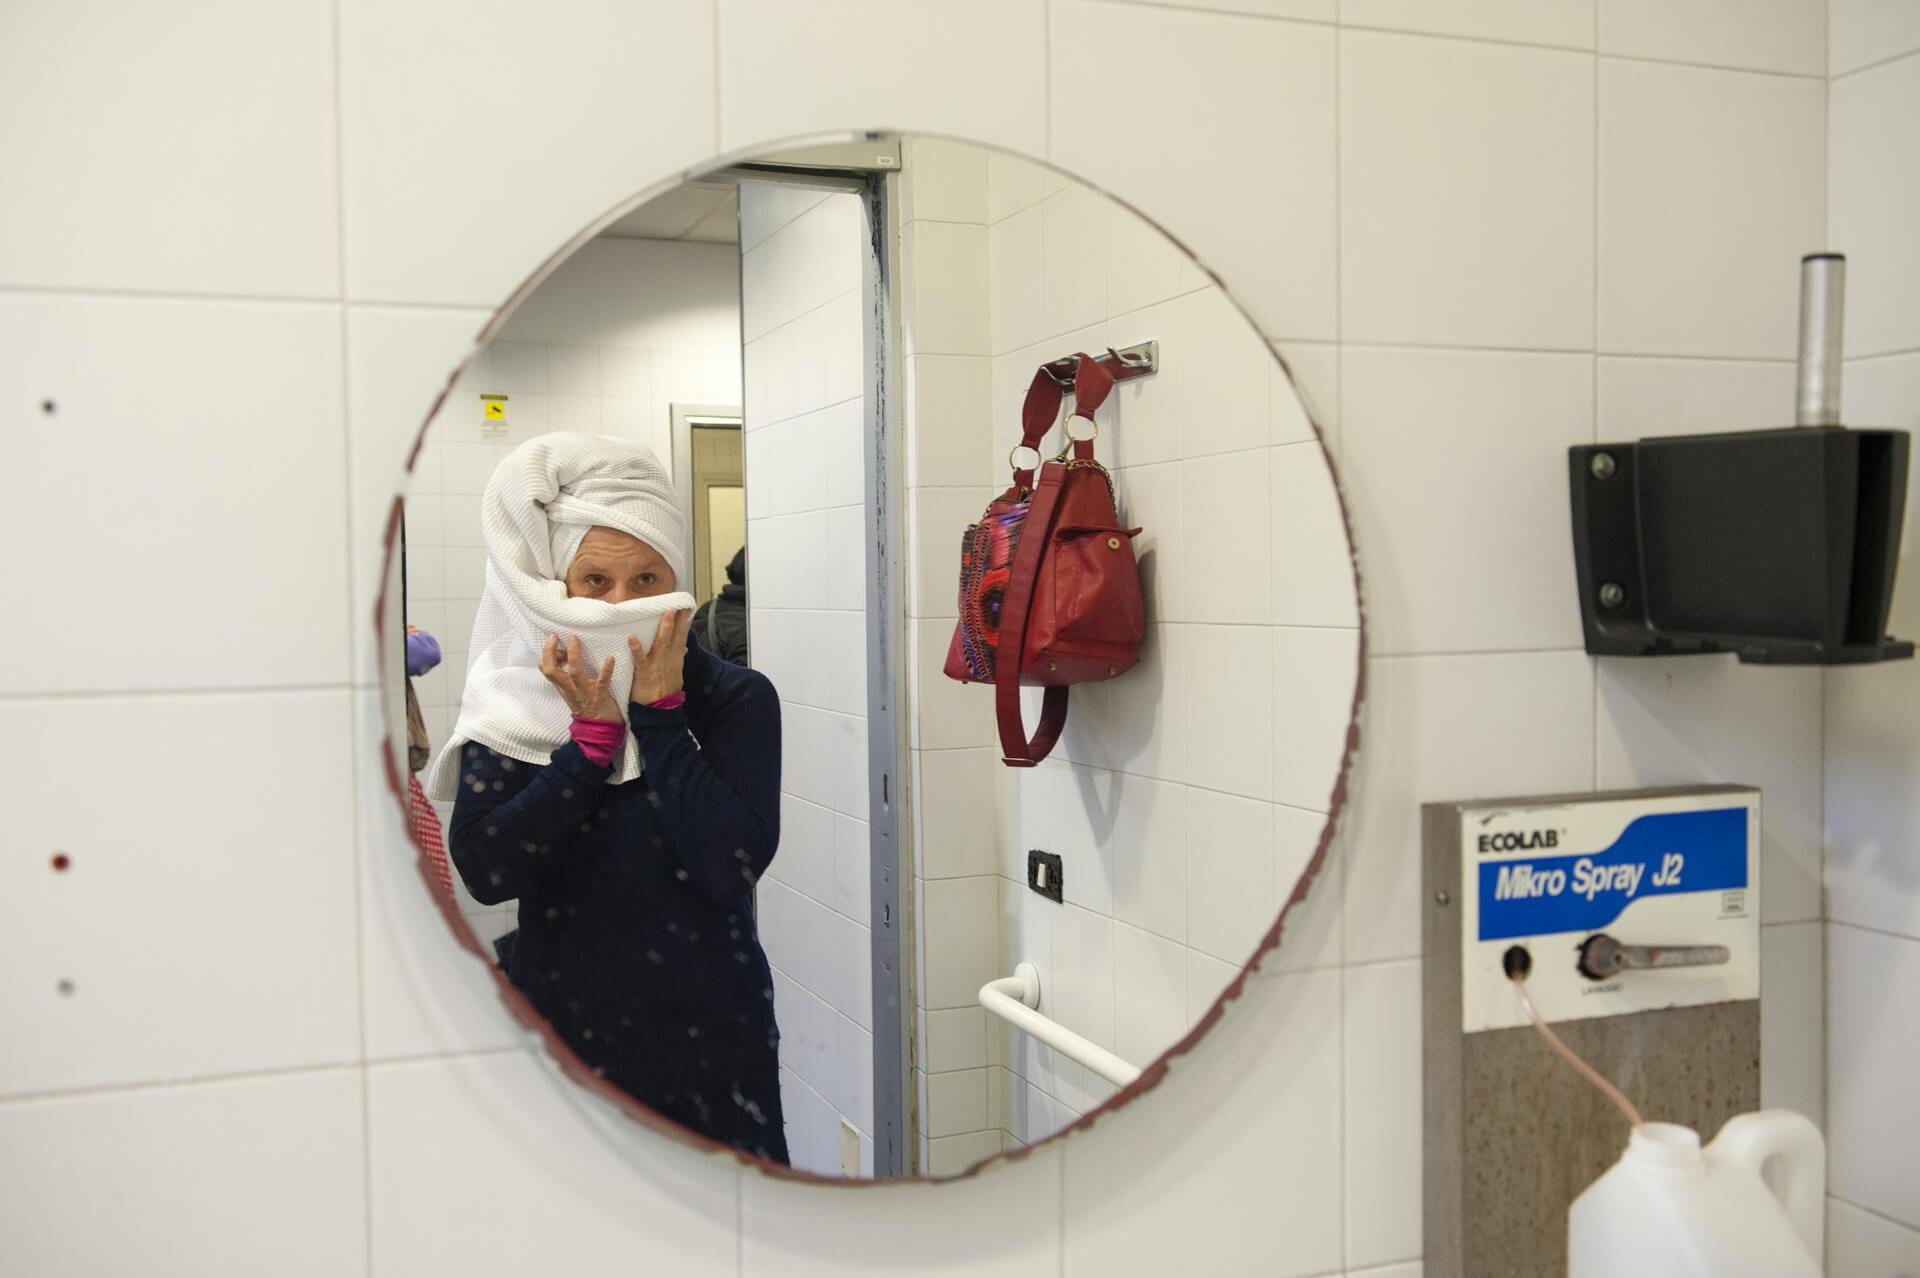 Ospite del servizio docce si specchia | OSF